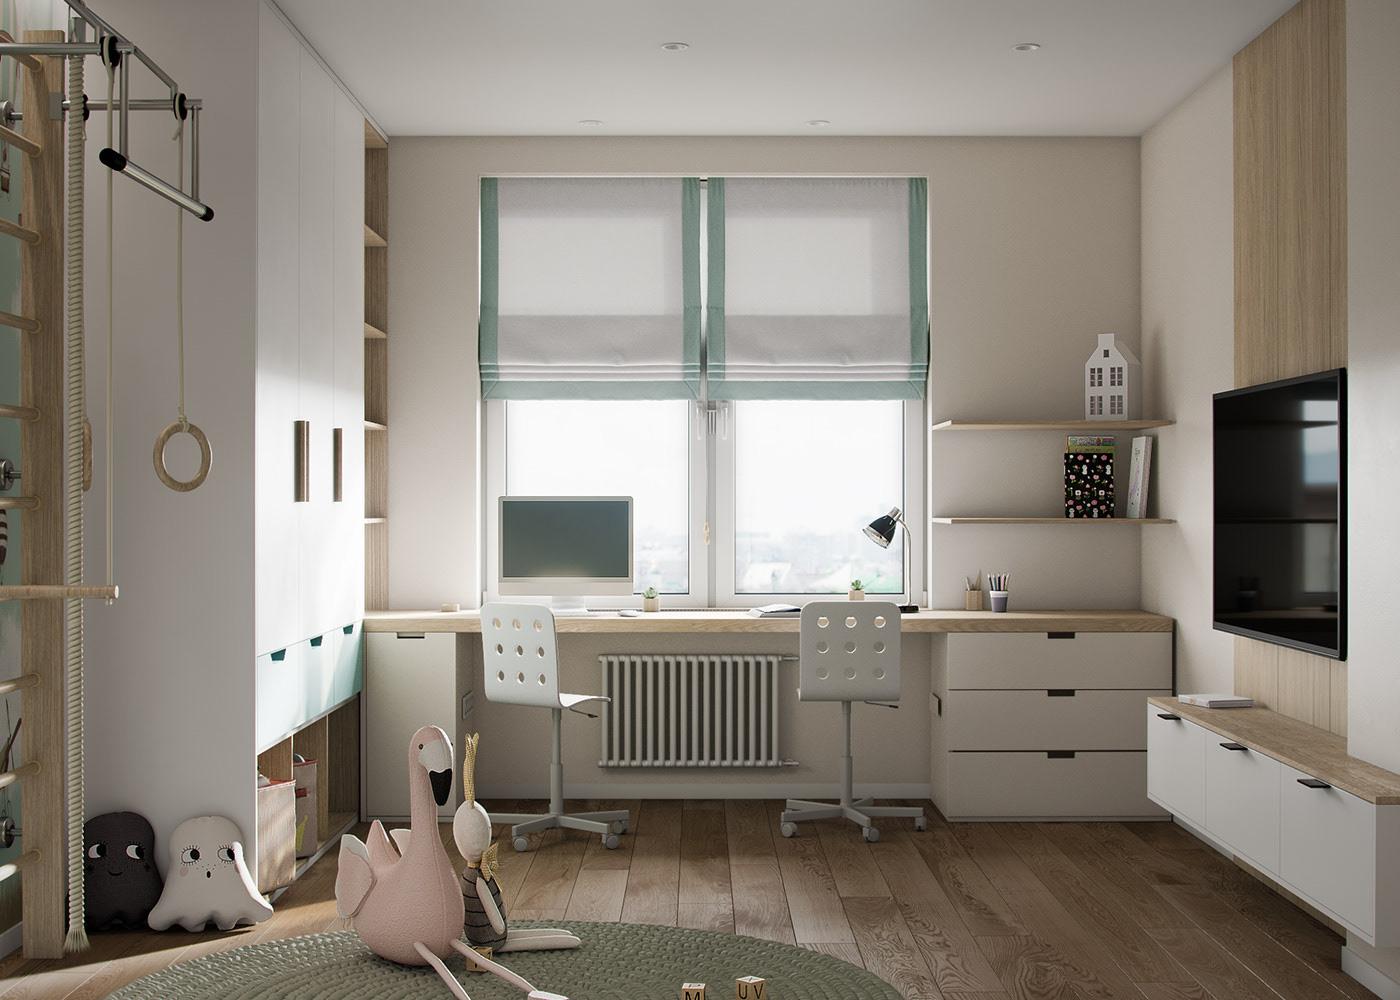 Tư vấn thiết kế căn hộ thô có diện tích 54m² với tổng chi phí 83 triệu đồng - Ảnh 9